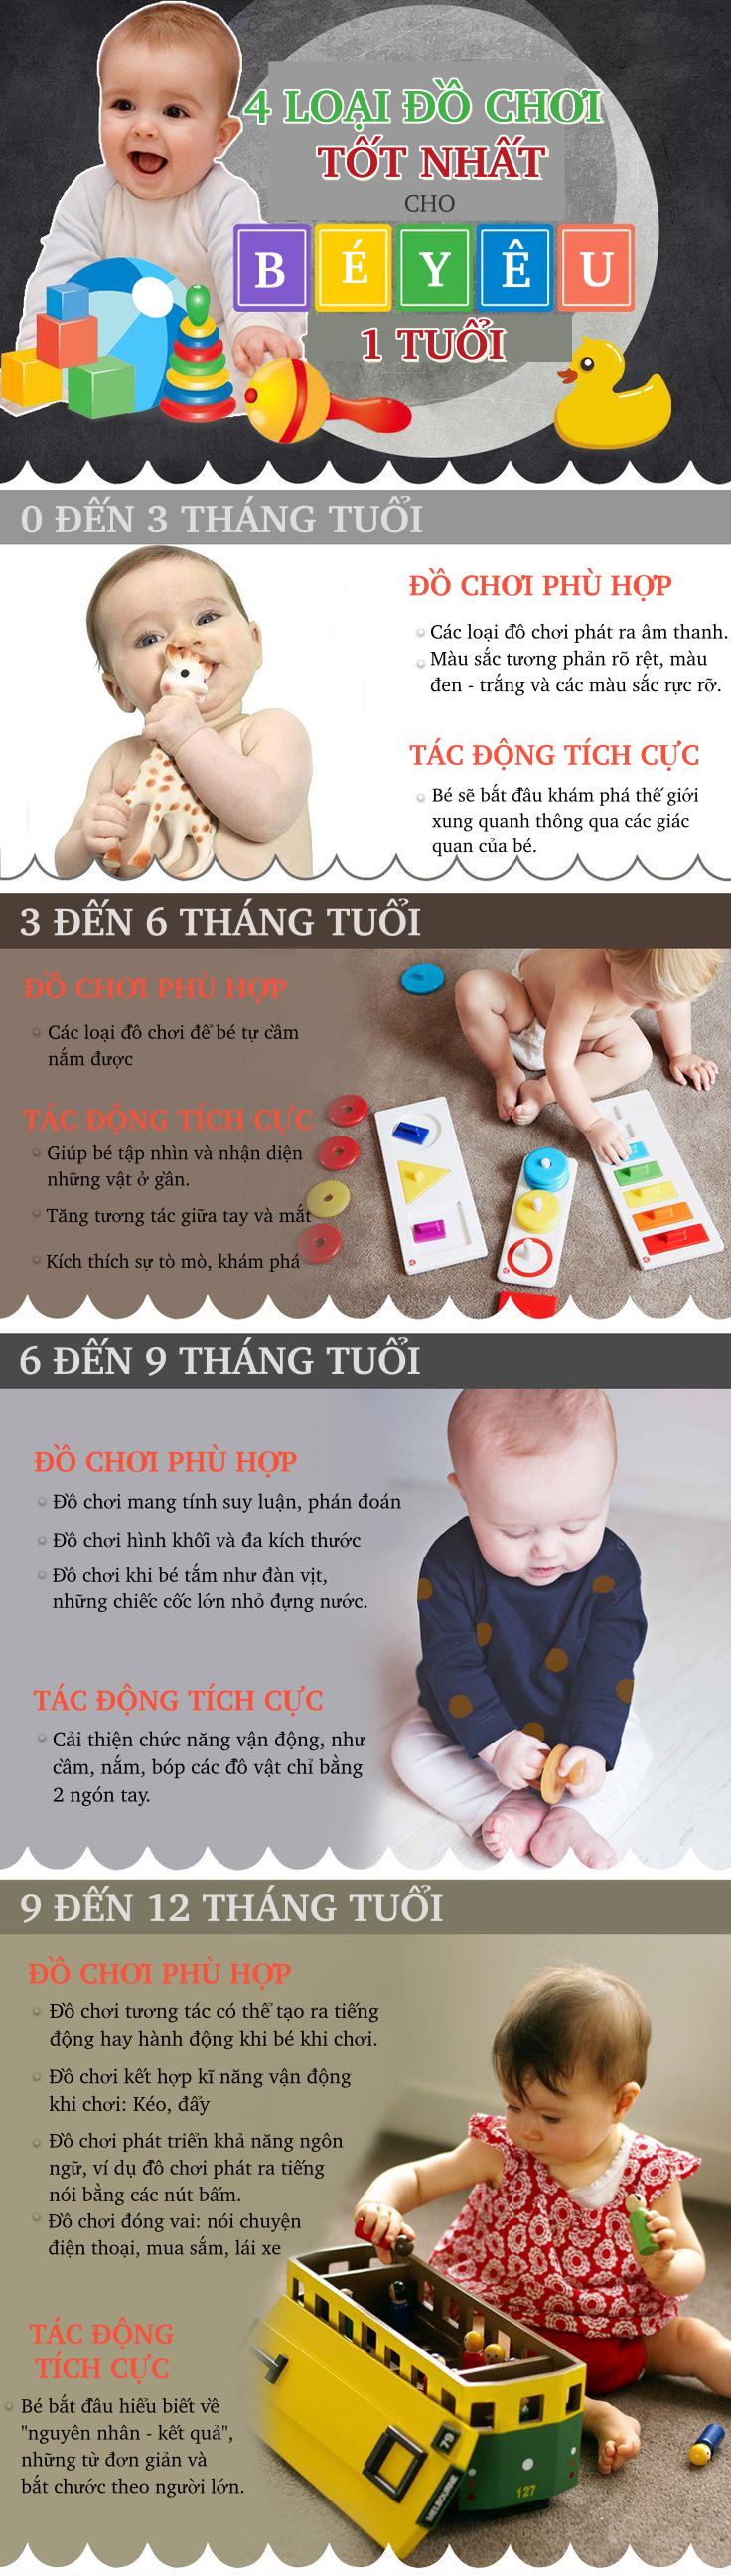 Chọn đồ chơi thông minh cho bé 1 tuổi